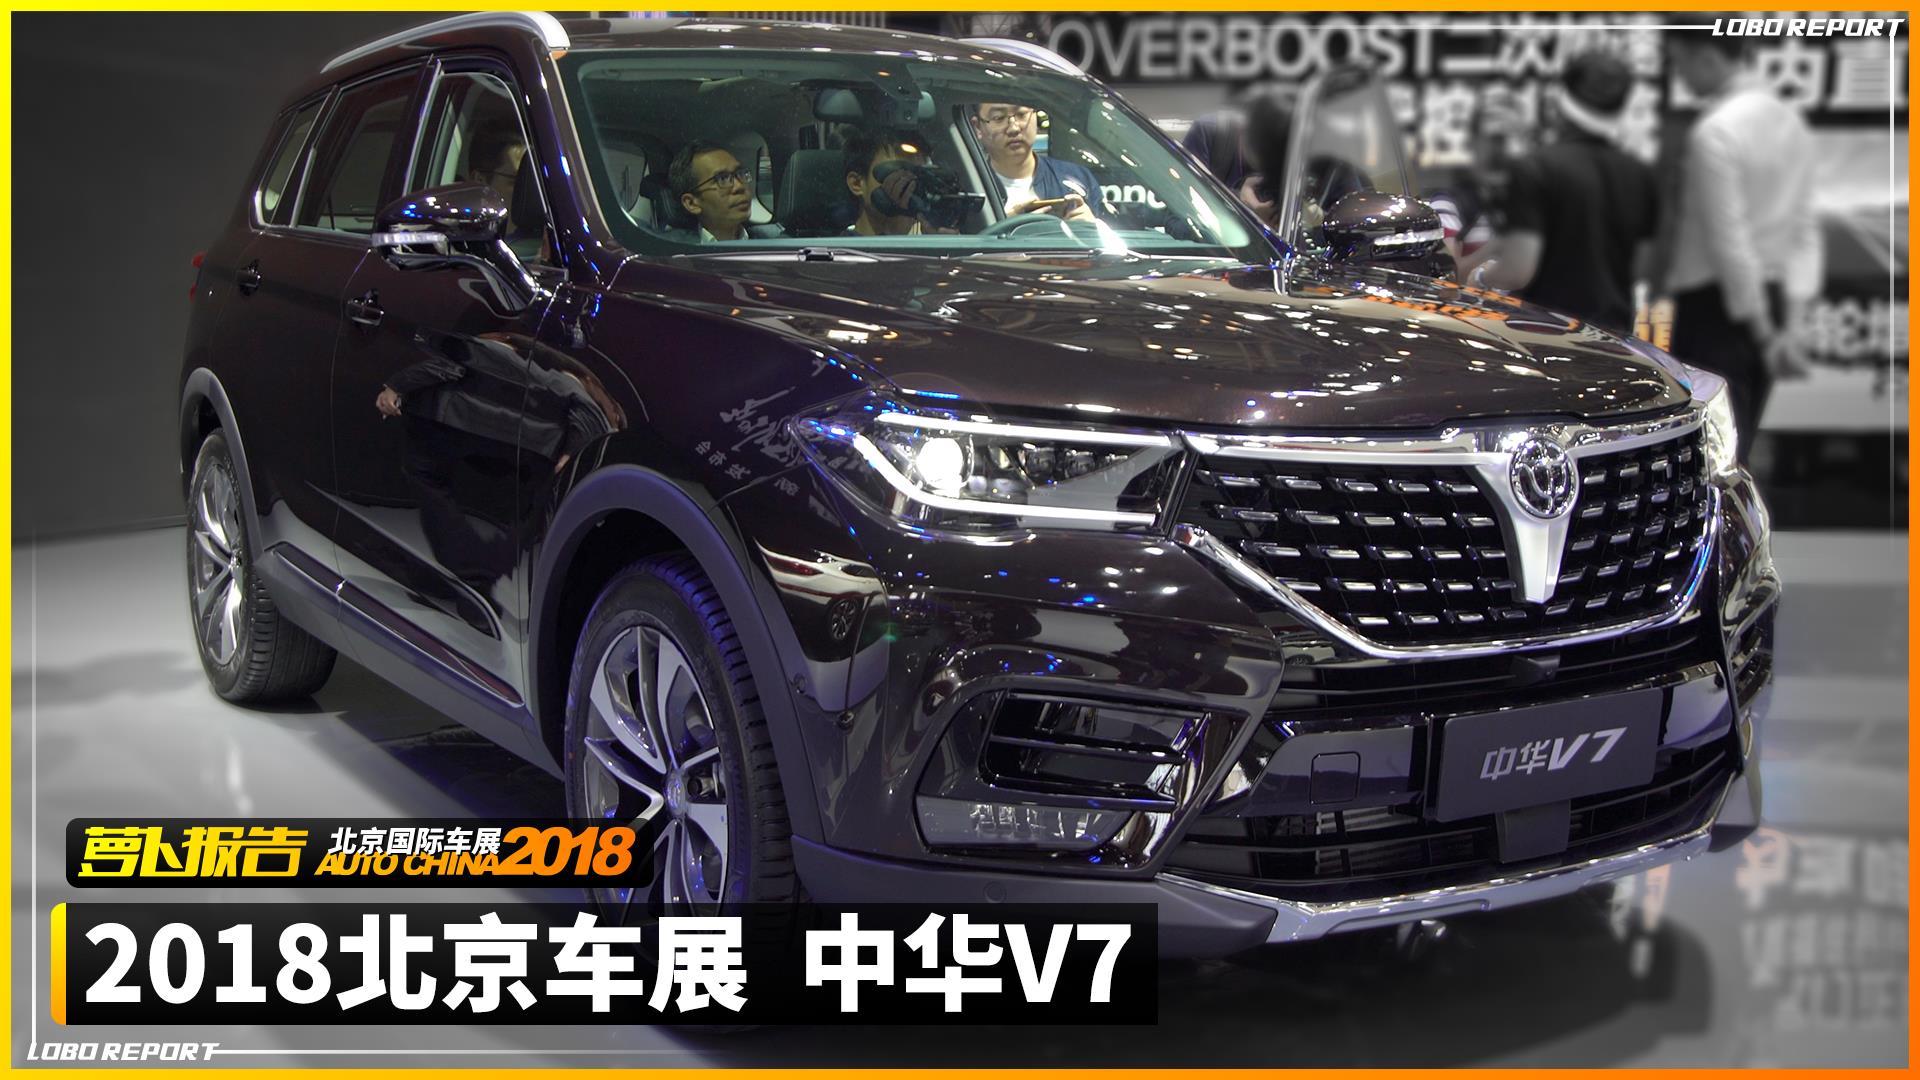 北京车展 华晨中华SUV旗舰中华V7